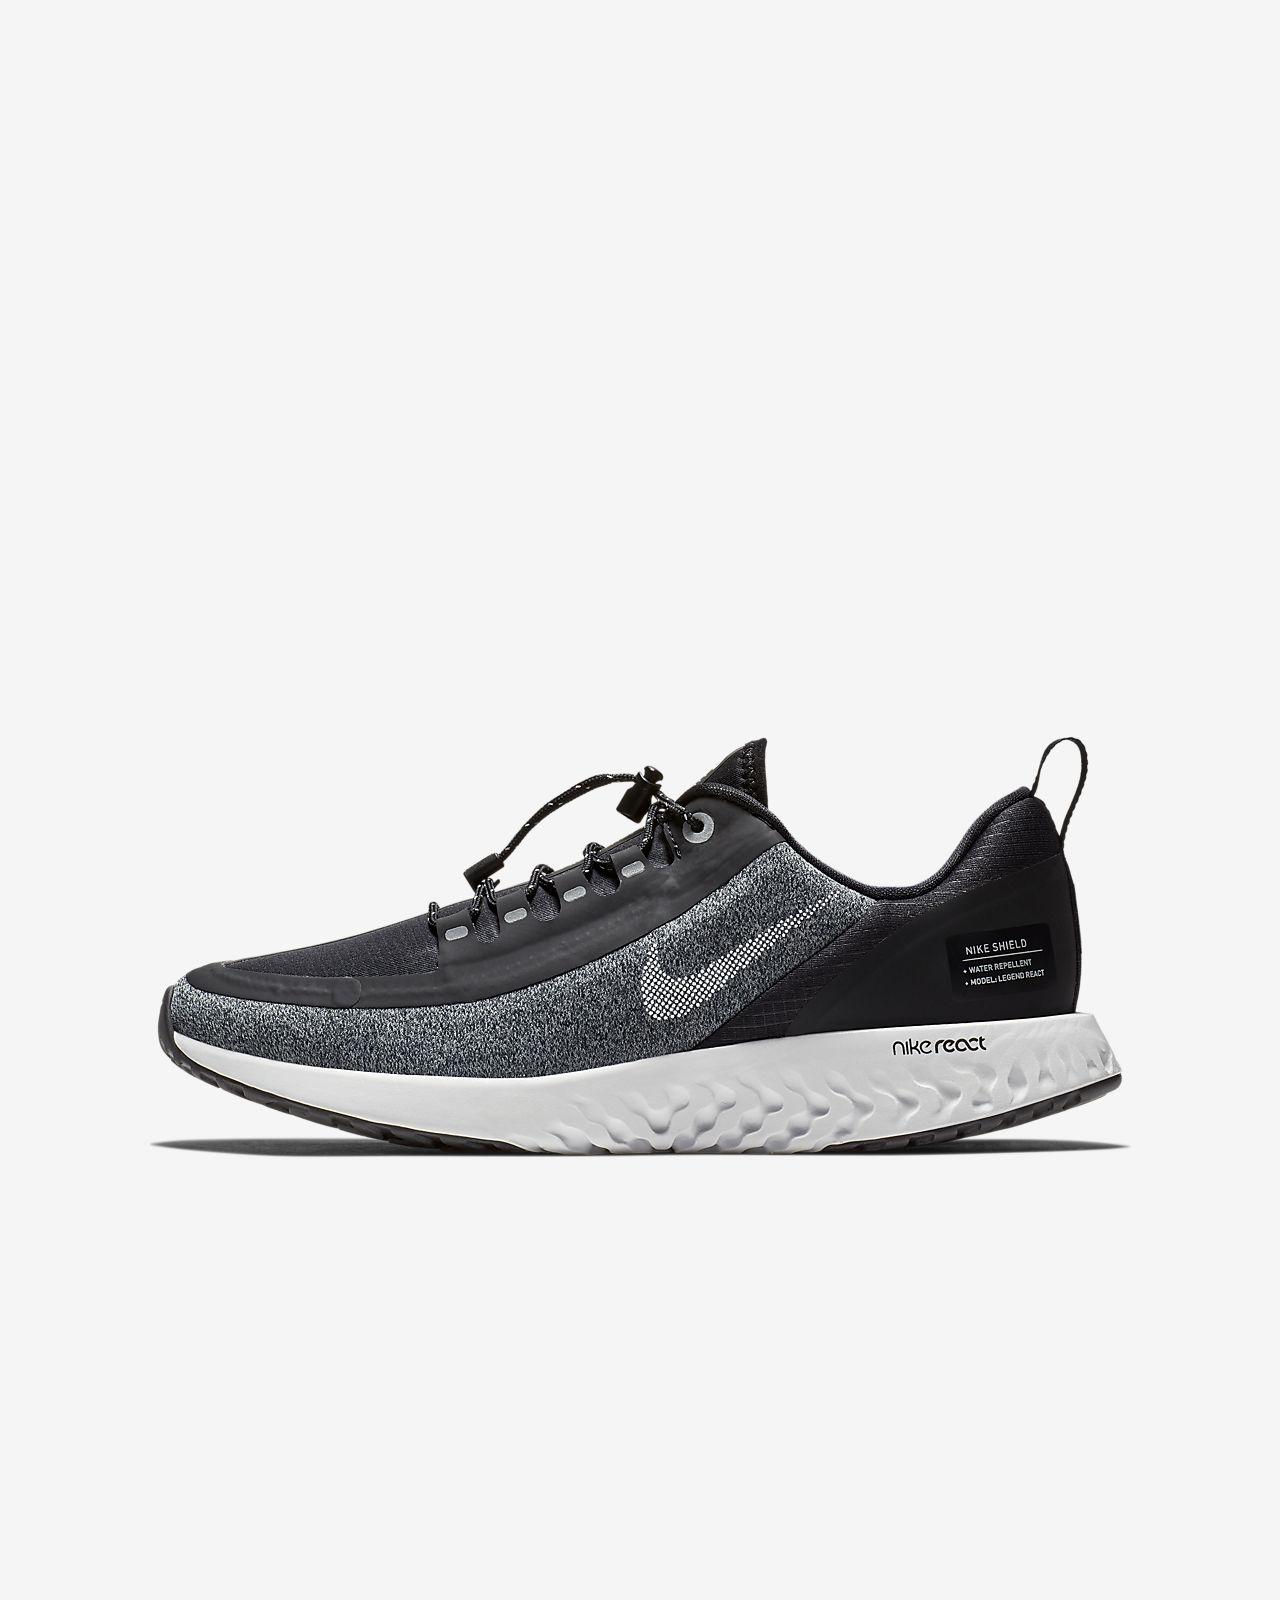 c9ebb24334d Nike Epic React Shield Big Kids  Running Shoe. Nike.com